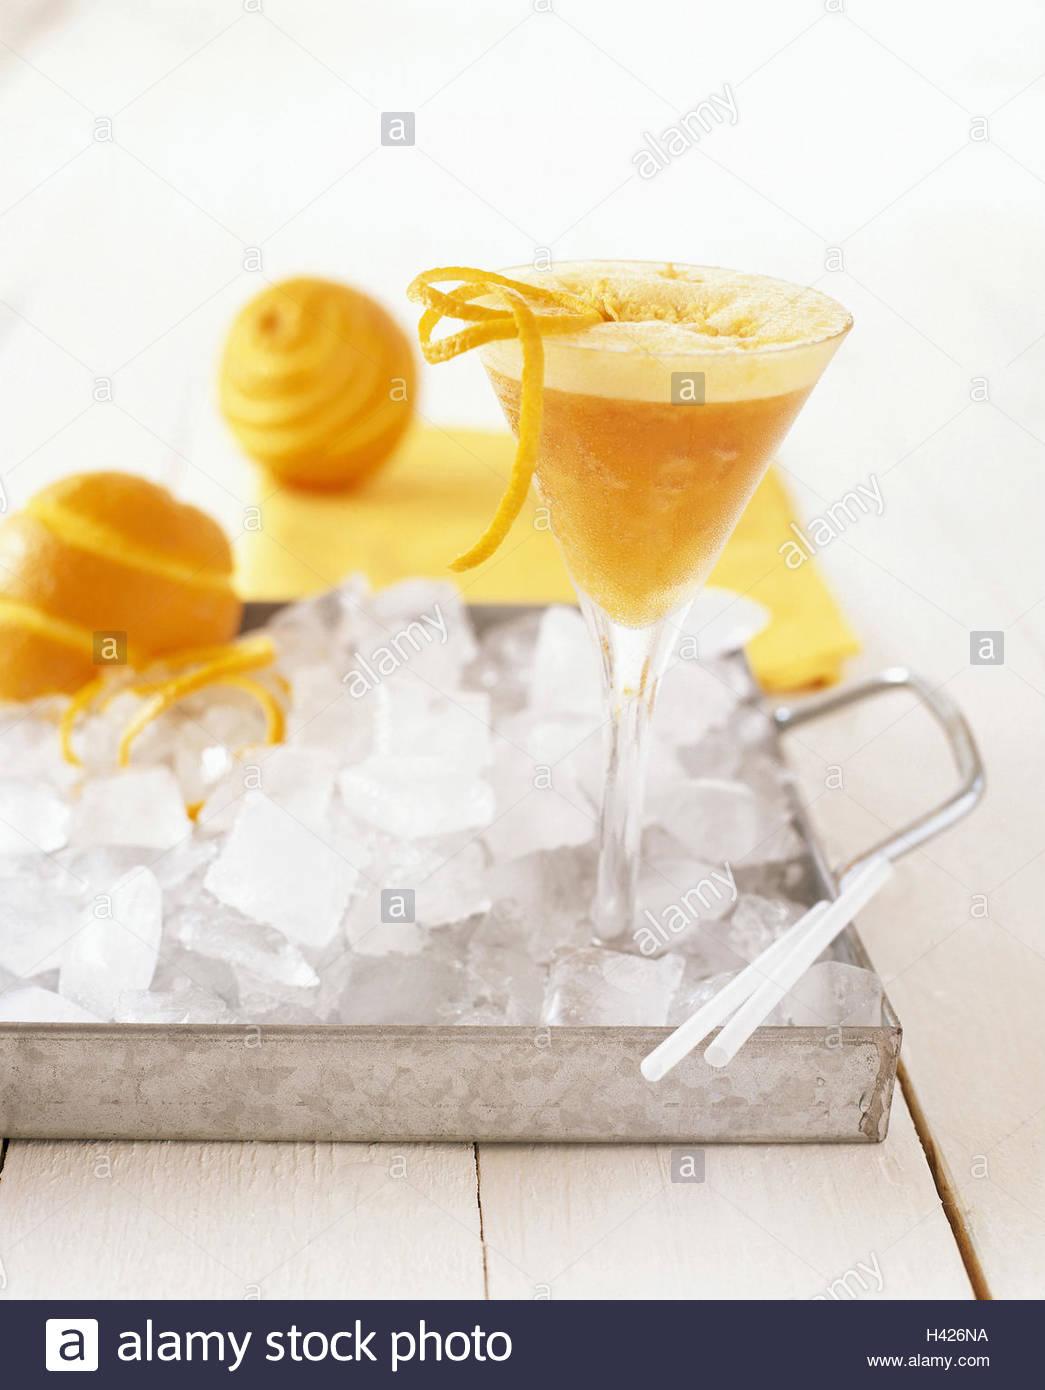 Ausgezeichnet Erfrischende Getränke Alkoholfrei Fotos - Die ...